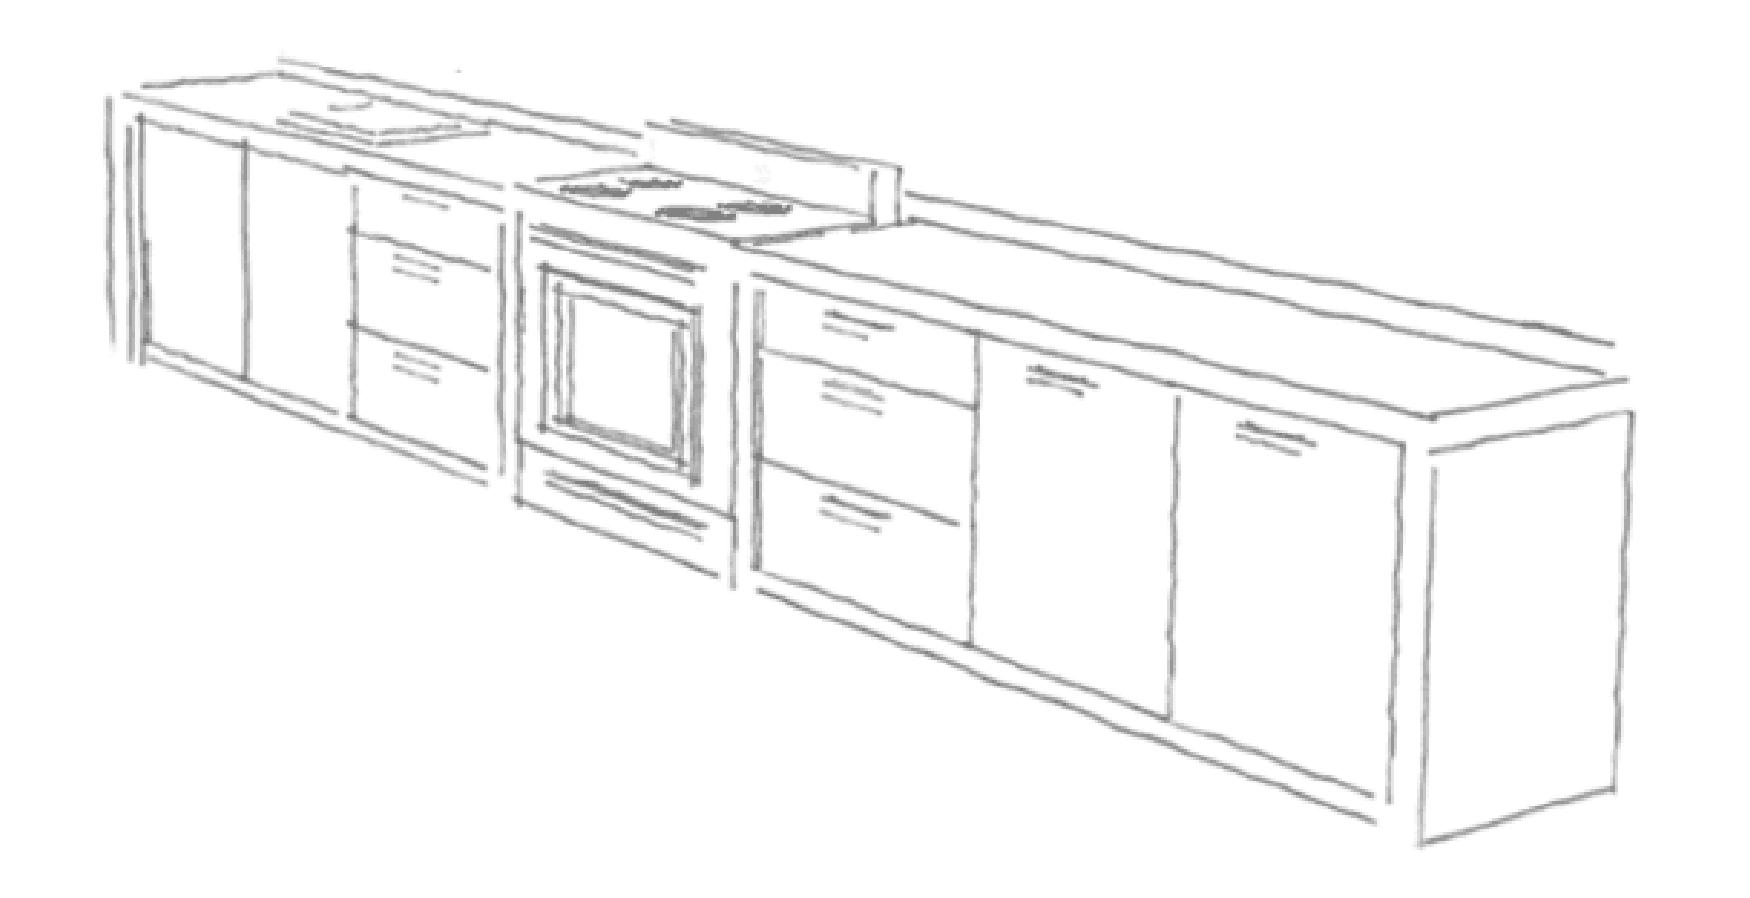 Schets van een meubel